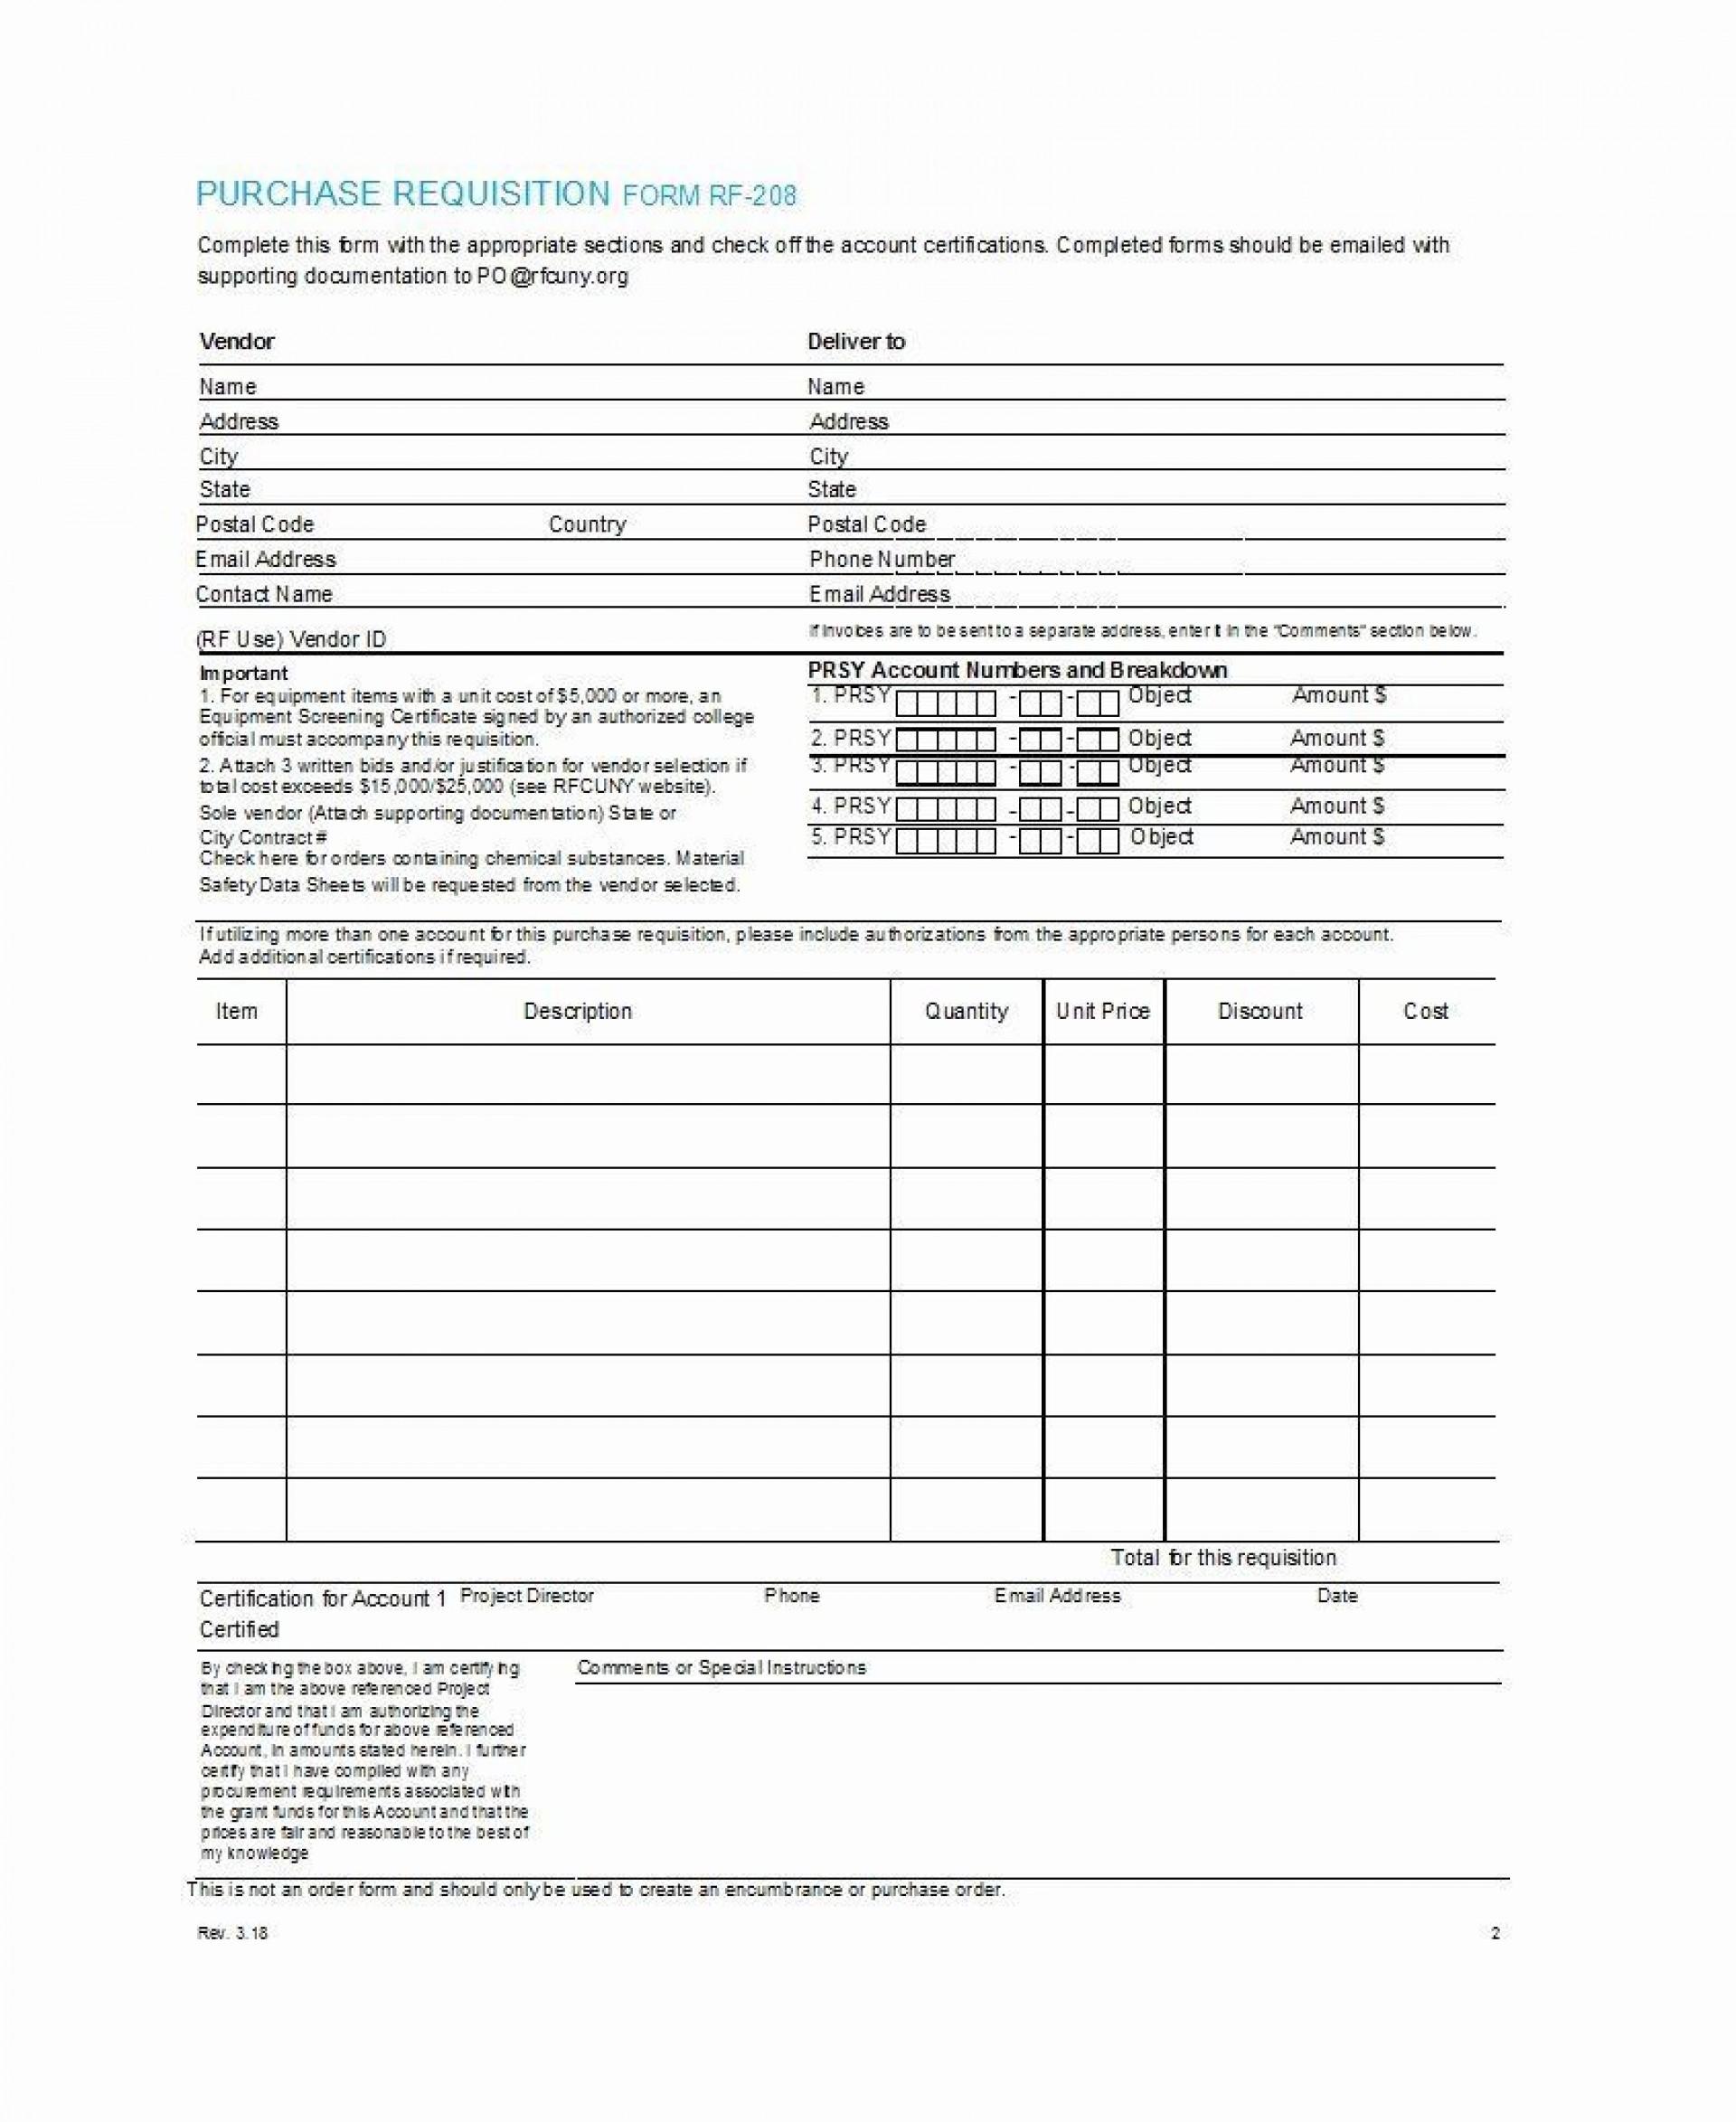 002 Singular Lab Requisition Form Template High Def  Quest Diagnostic Pdf1920